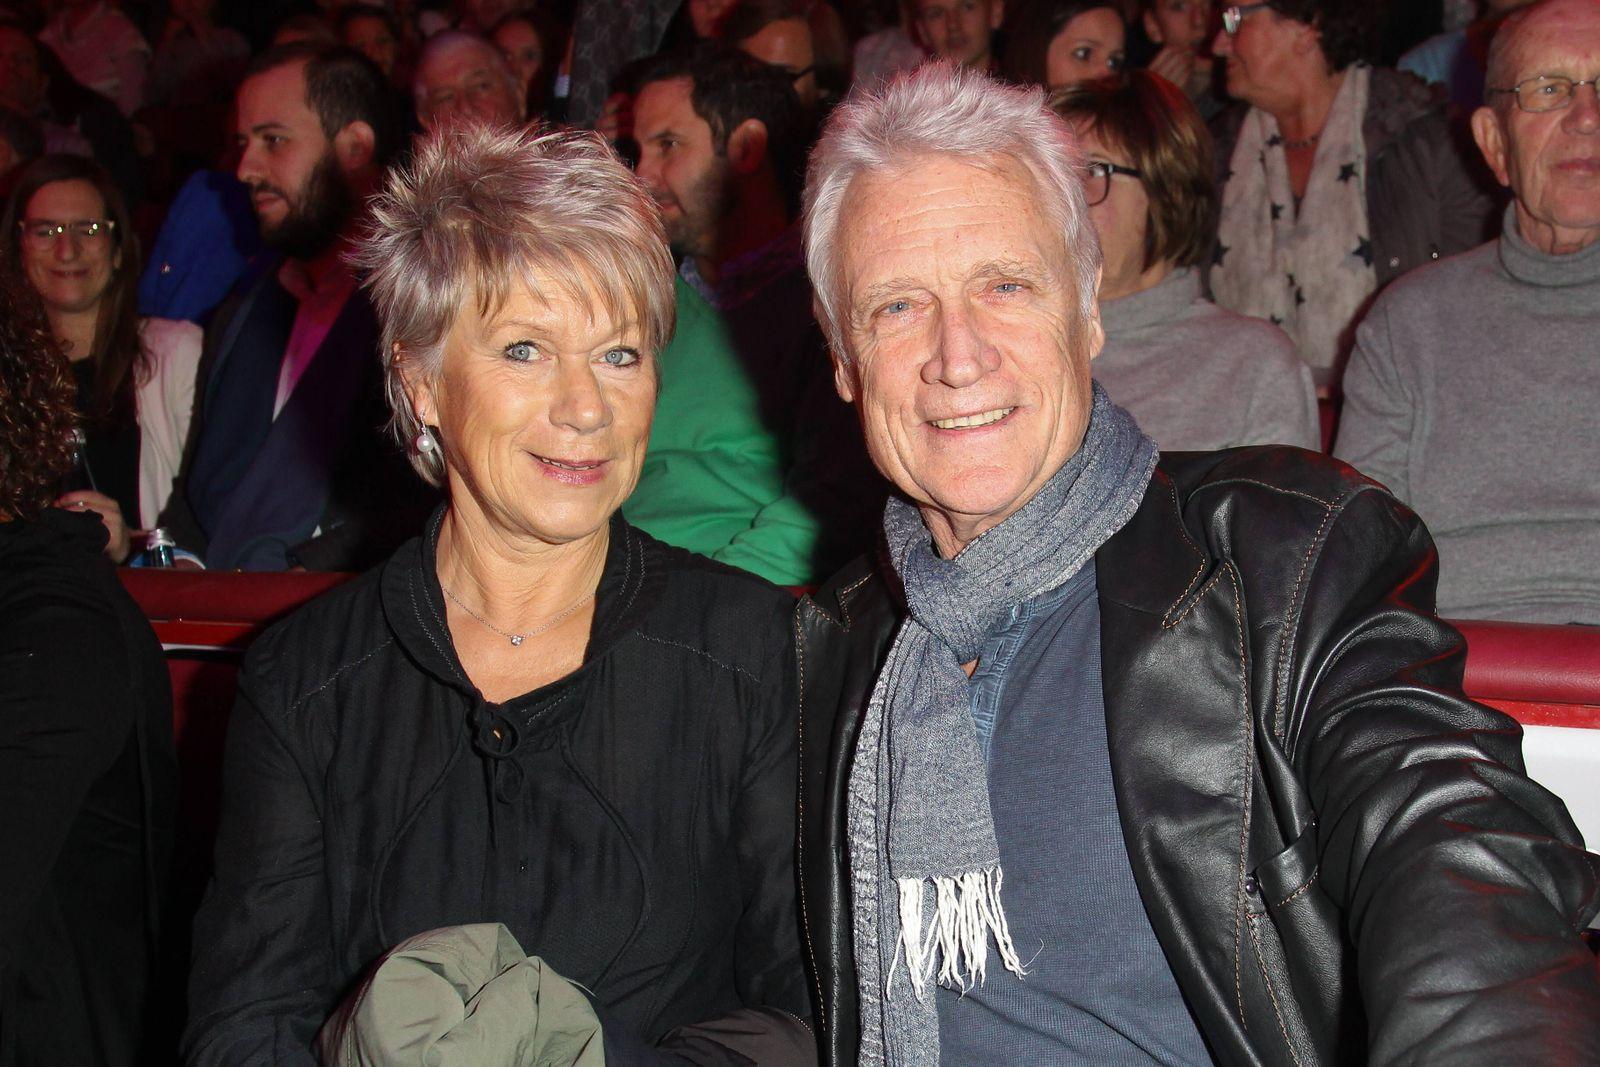 Robert Atzorn mit Ehefrau Angelika Hartung Circus Krone Weihnachtspremiere 2015 in Muenchen am 25 1